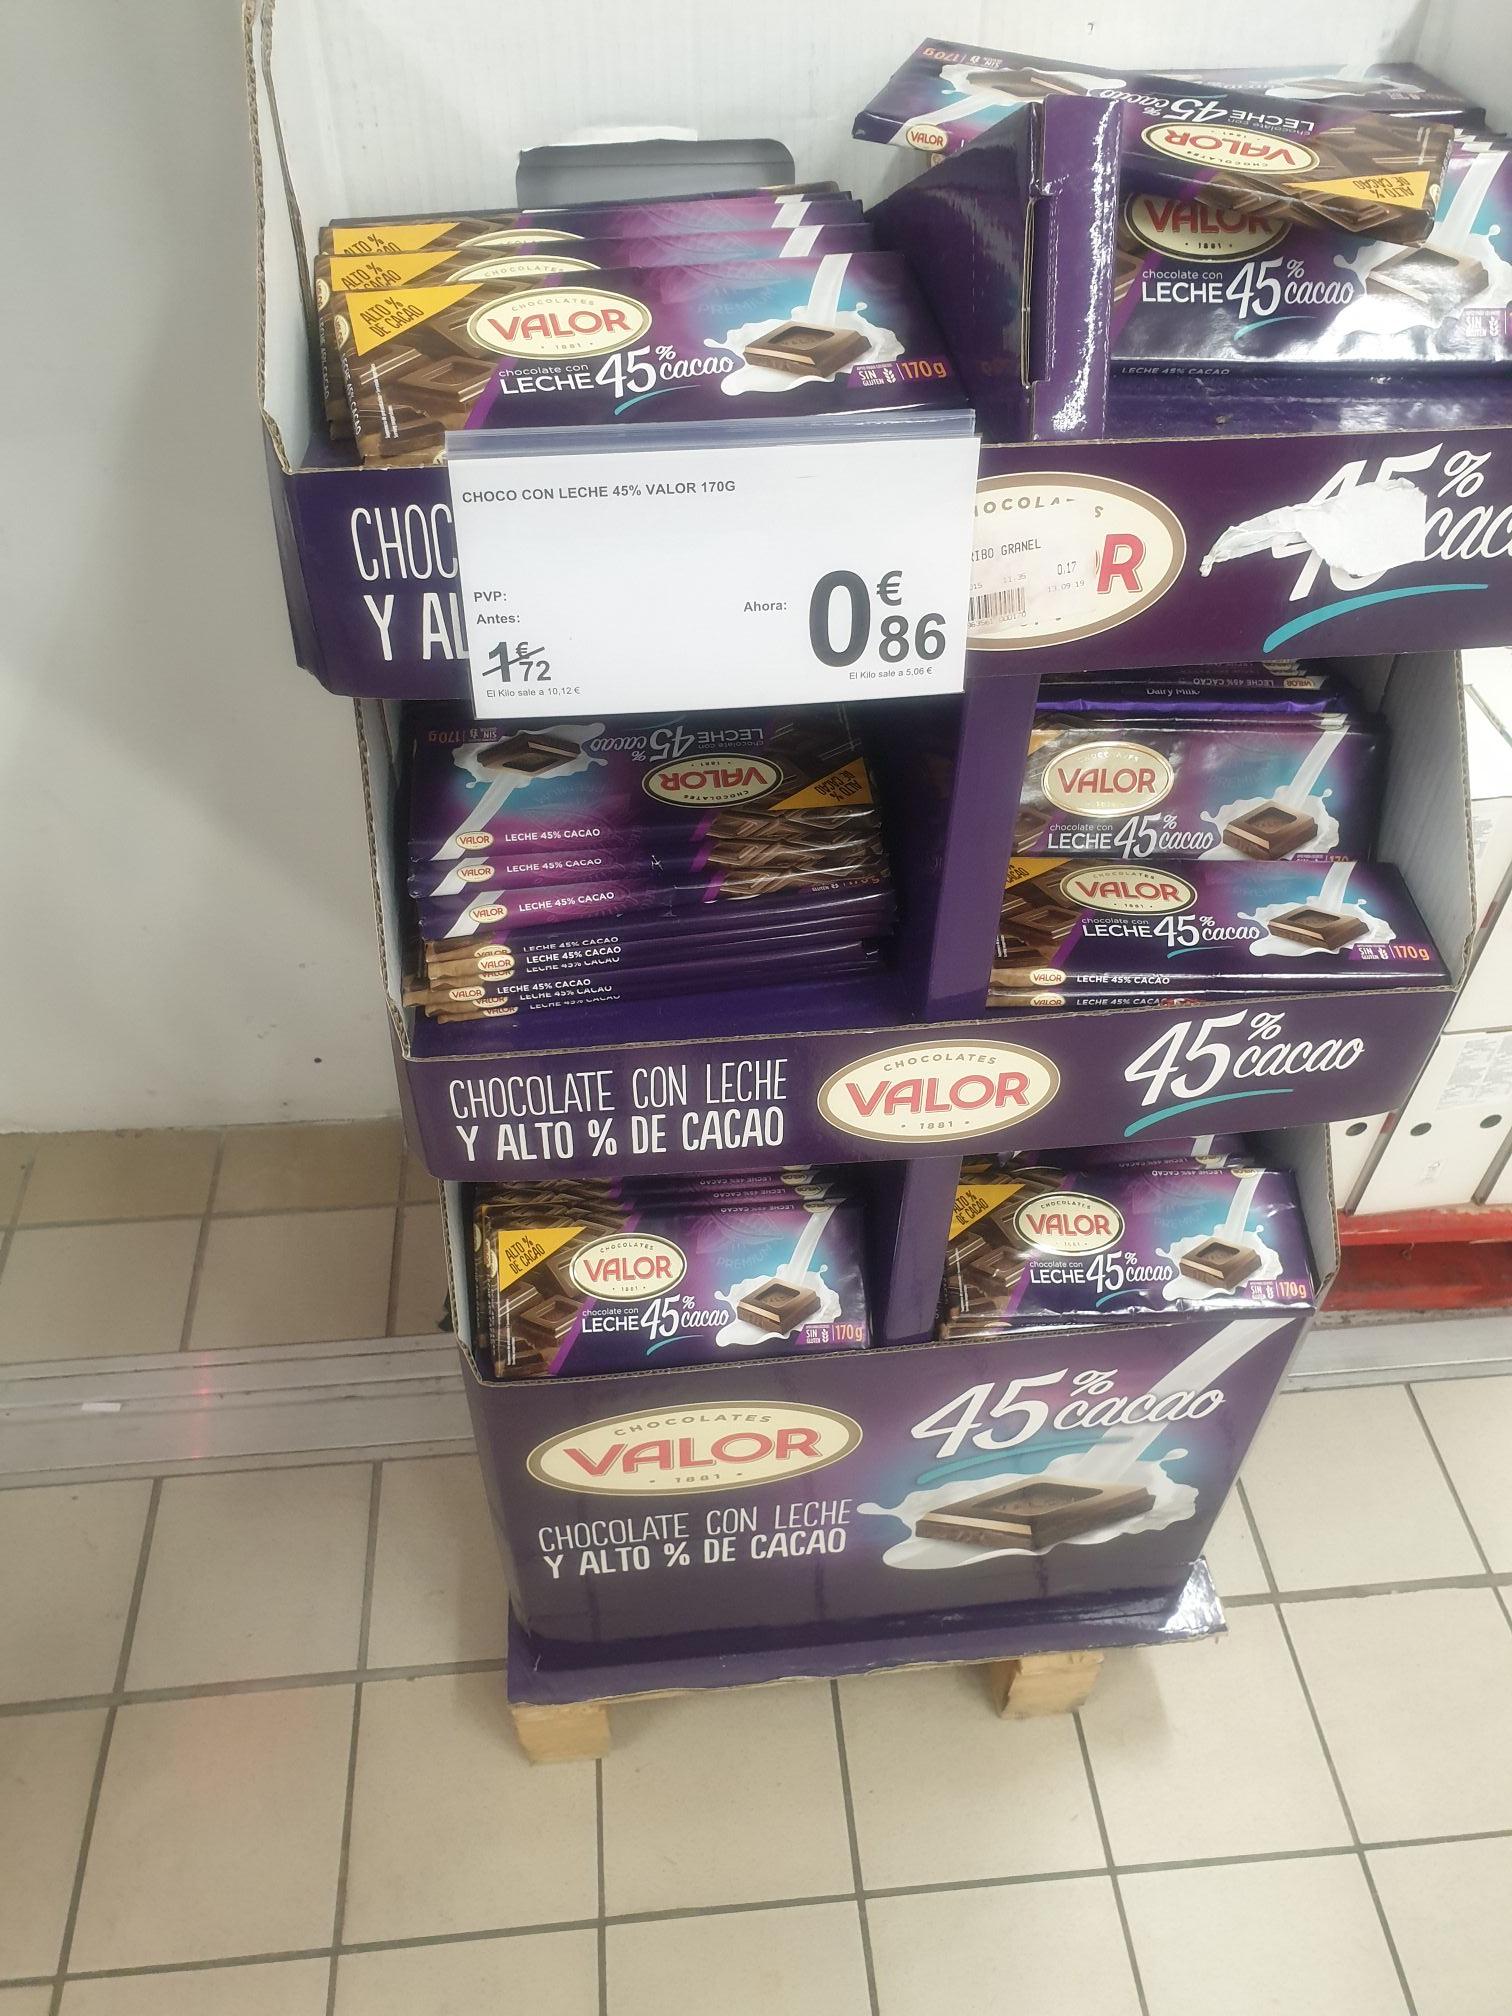 Chocolate con leche Valor 170g Carrefour Águilas